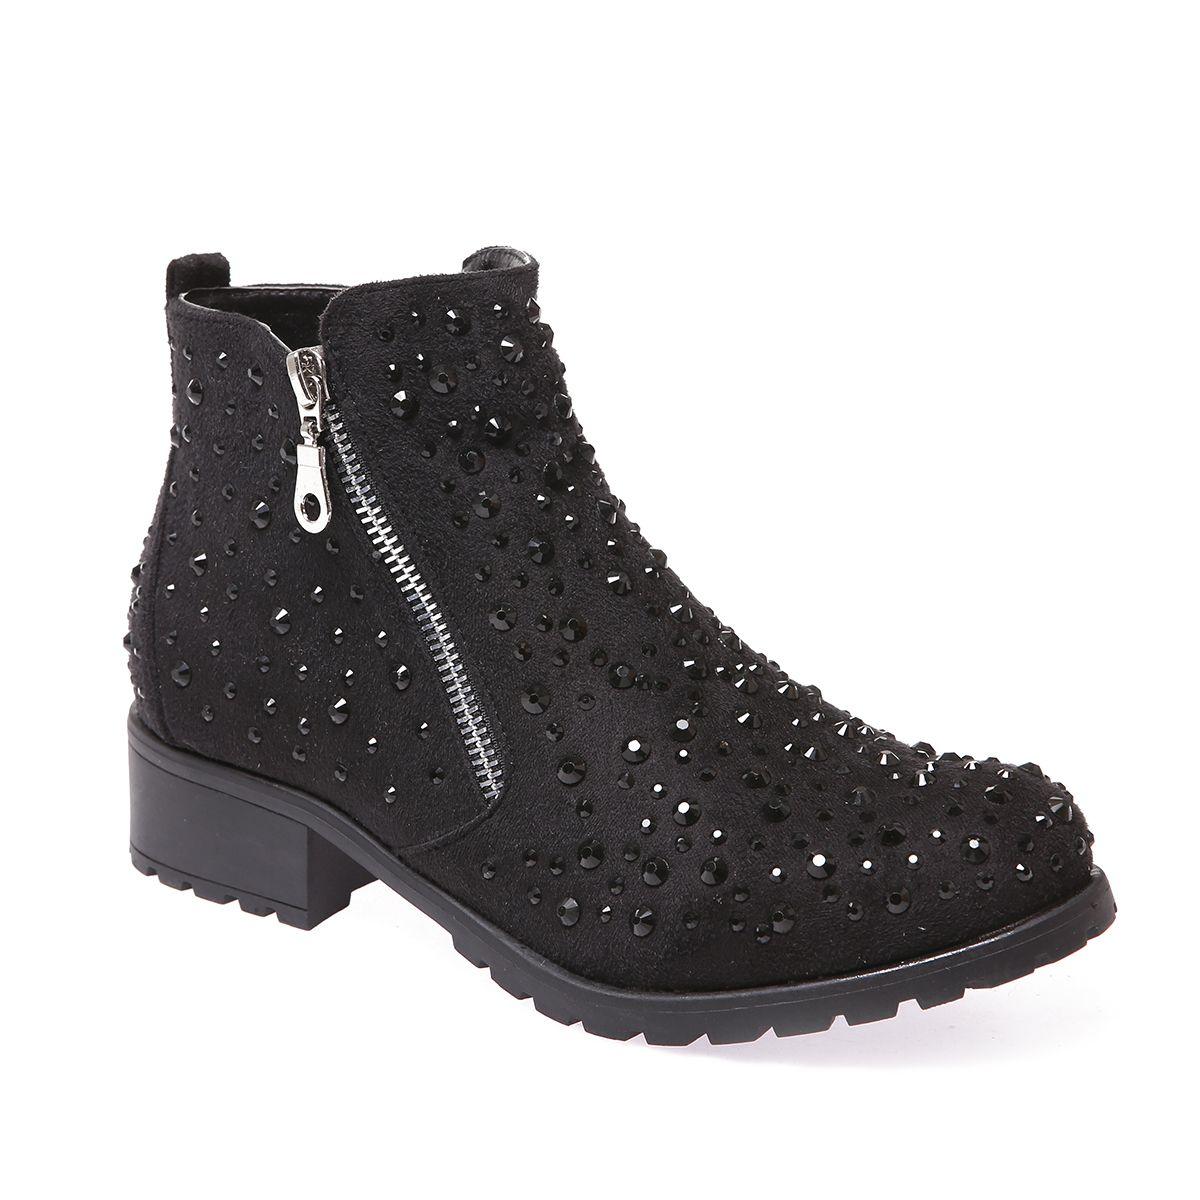 Chaussures bottine femme